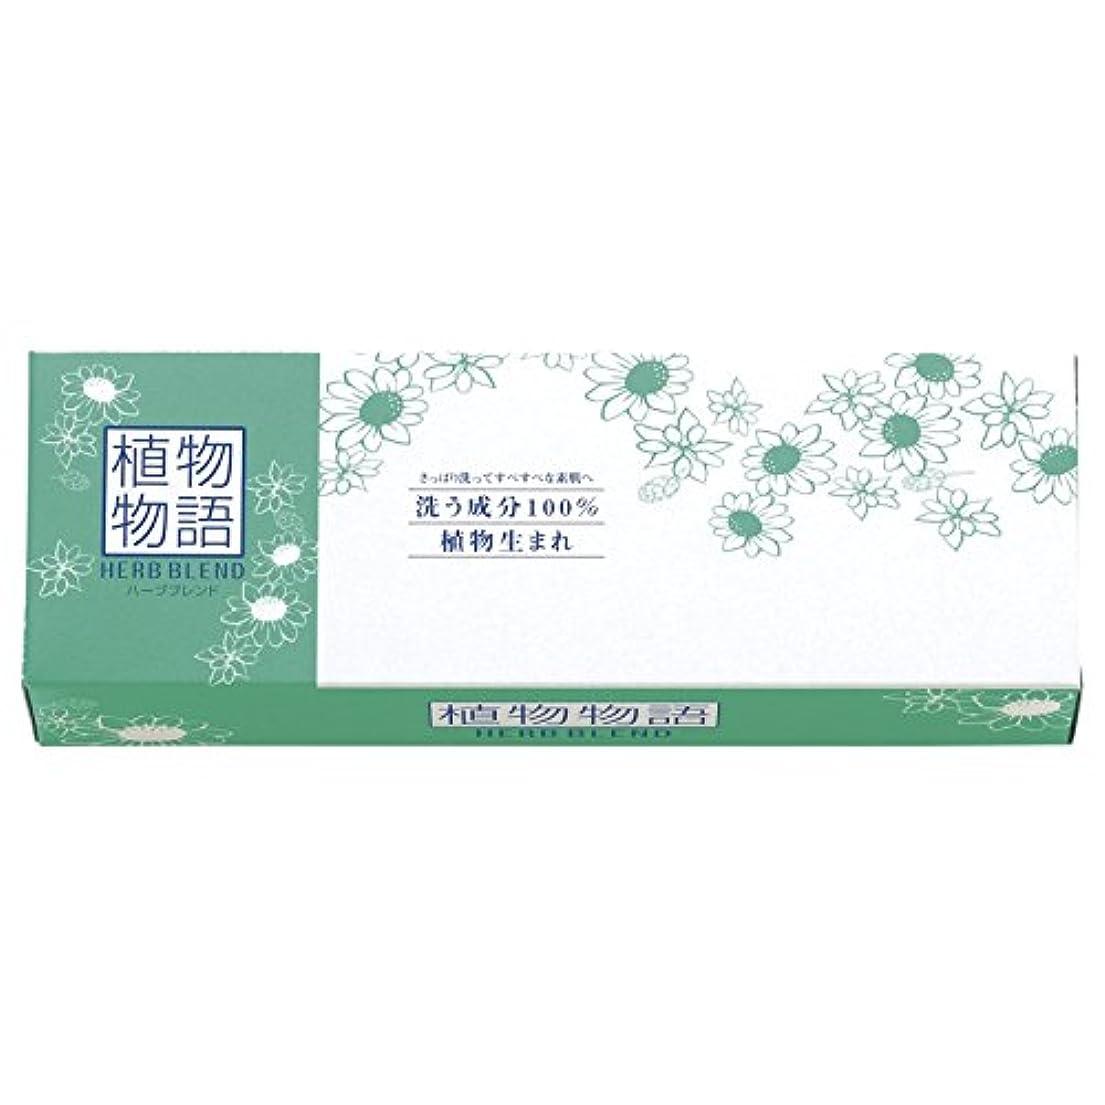 放牧する折リスライオン 植物物語ハーブブレンド化粧石鹸2個箱 KST802 【粗品 天然素材 ハーブ 2個 固形石鹸 からだ用 ハーブ 優しい お風呂 こども やさしい 石けん せっけん】